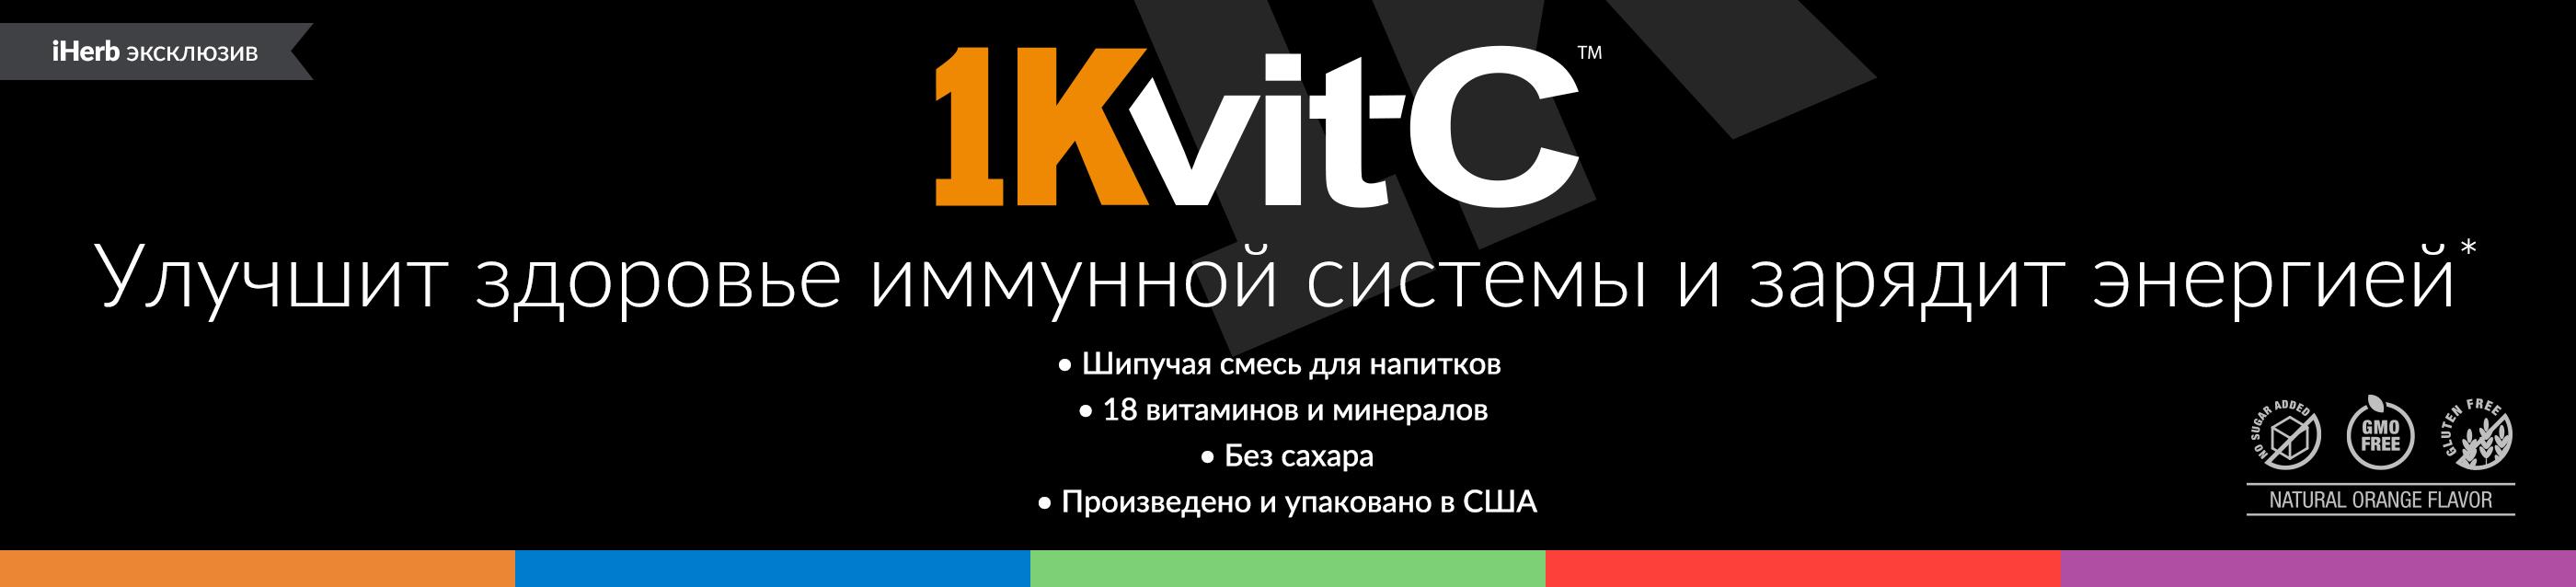 1Kvit-C main banner